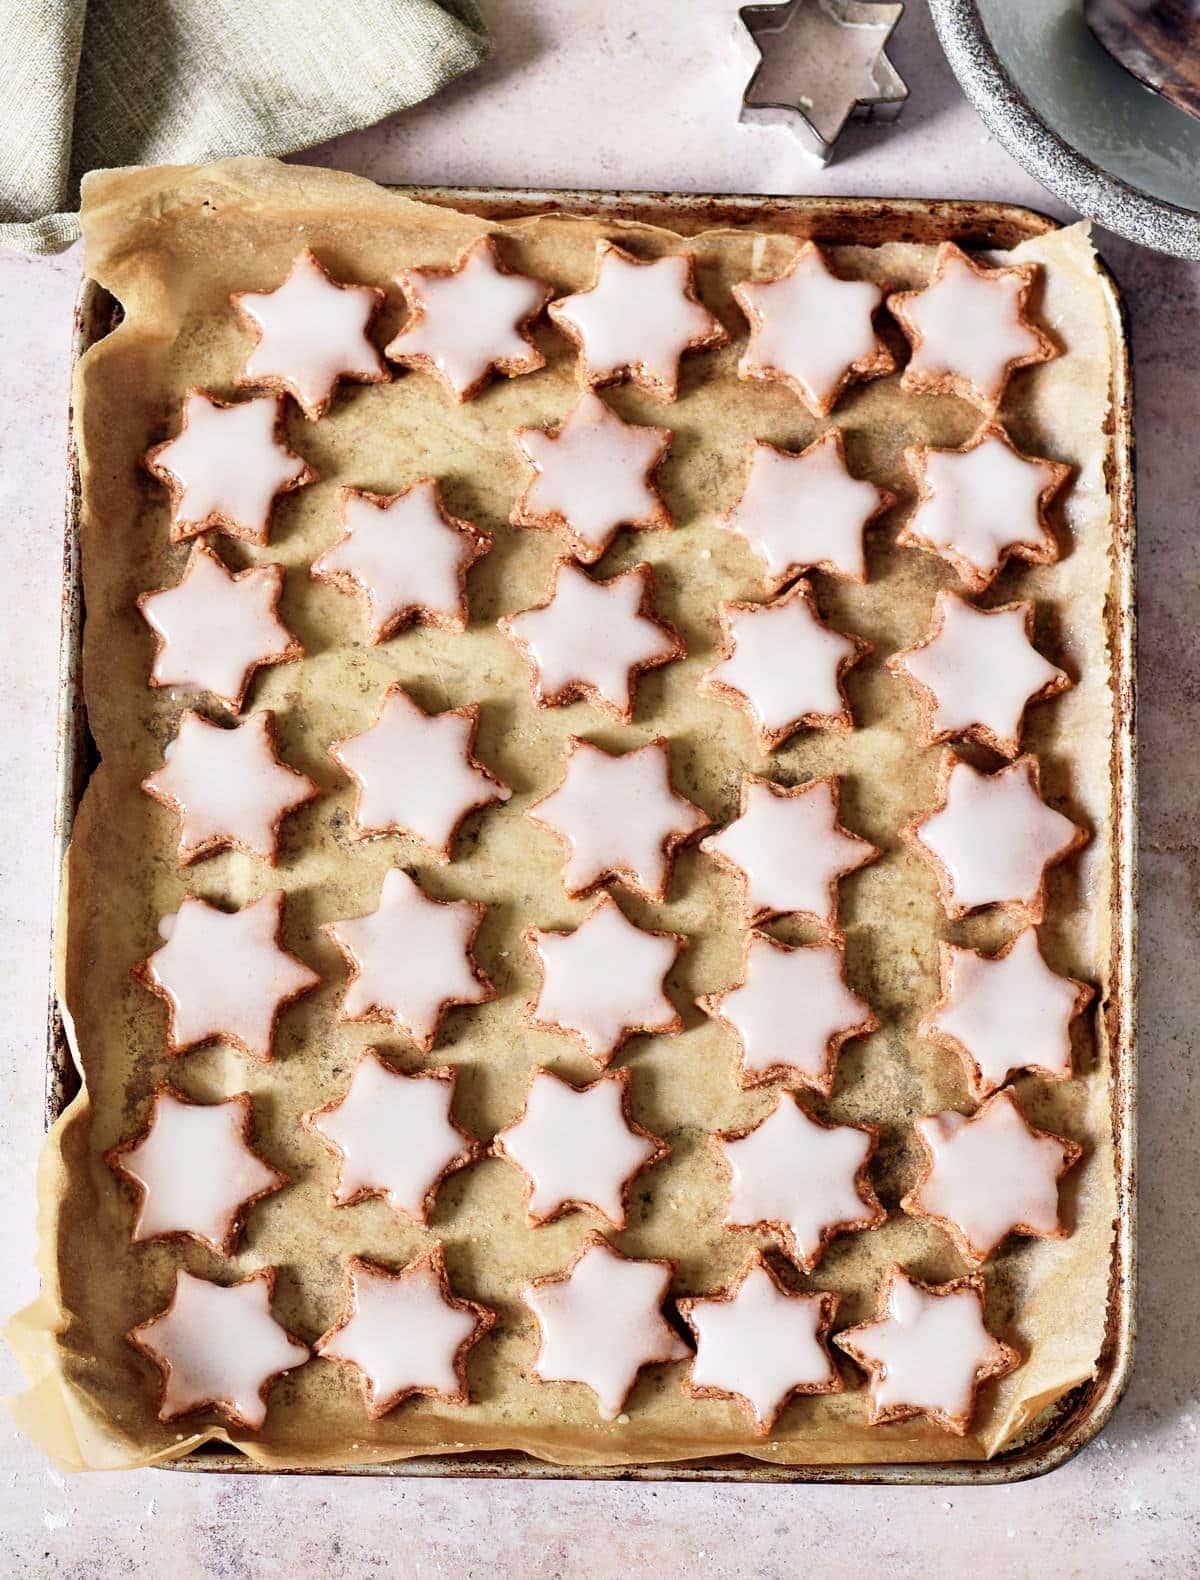 Kekse (vegan) in Sternenform mit Zuckerglasur auf Backblech